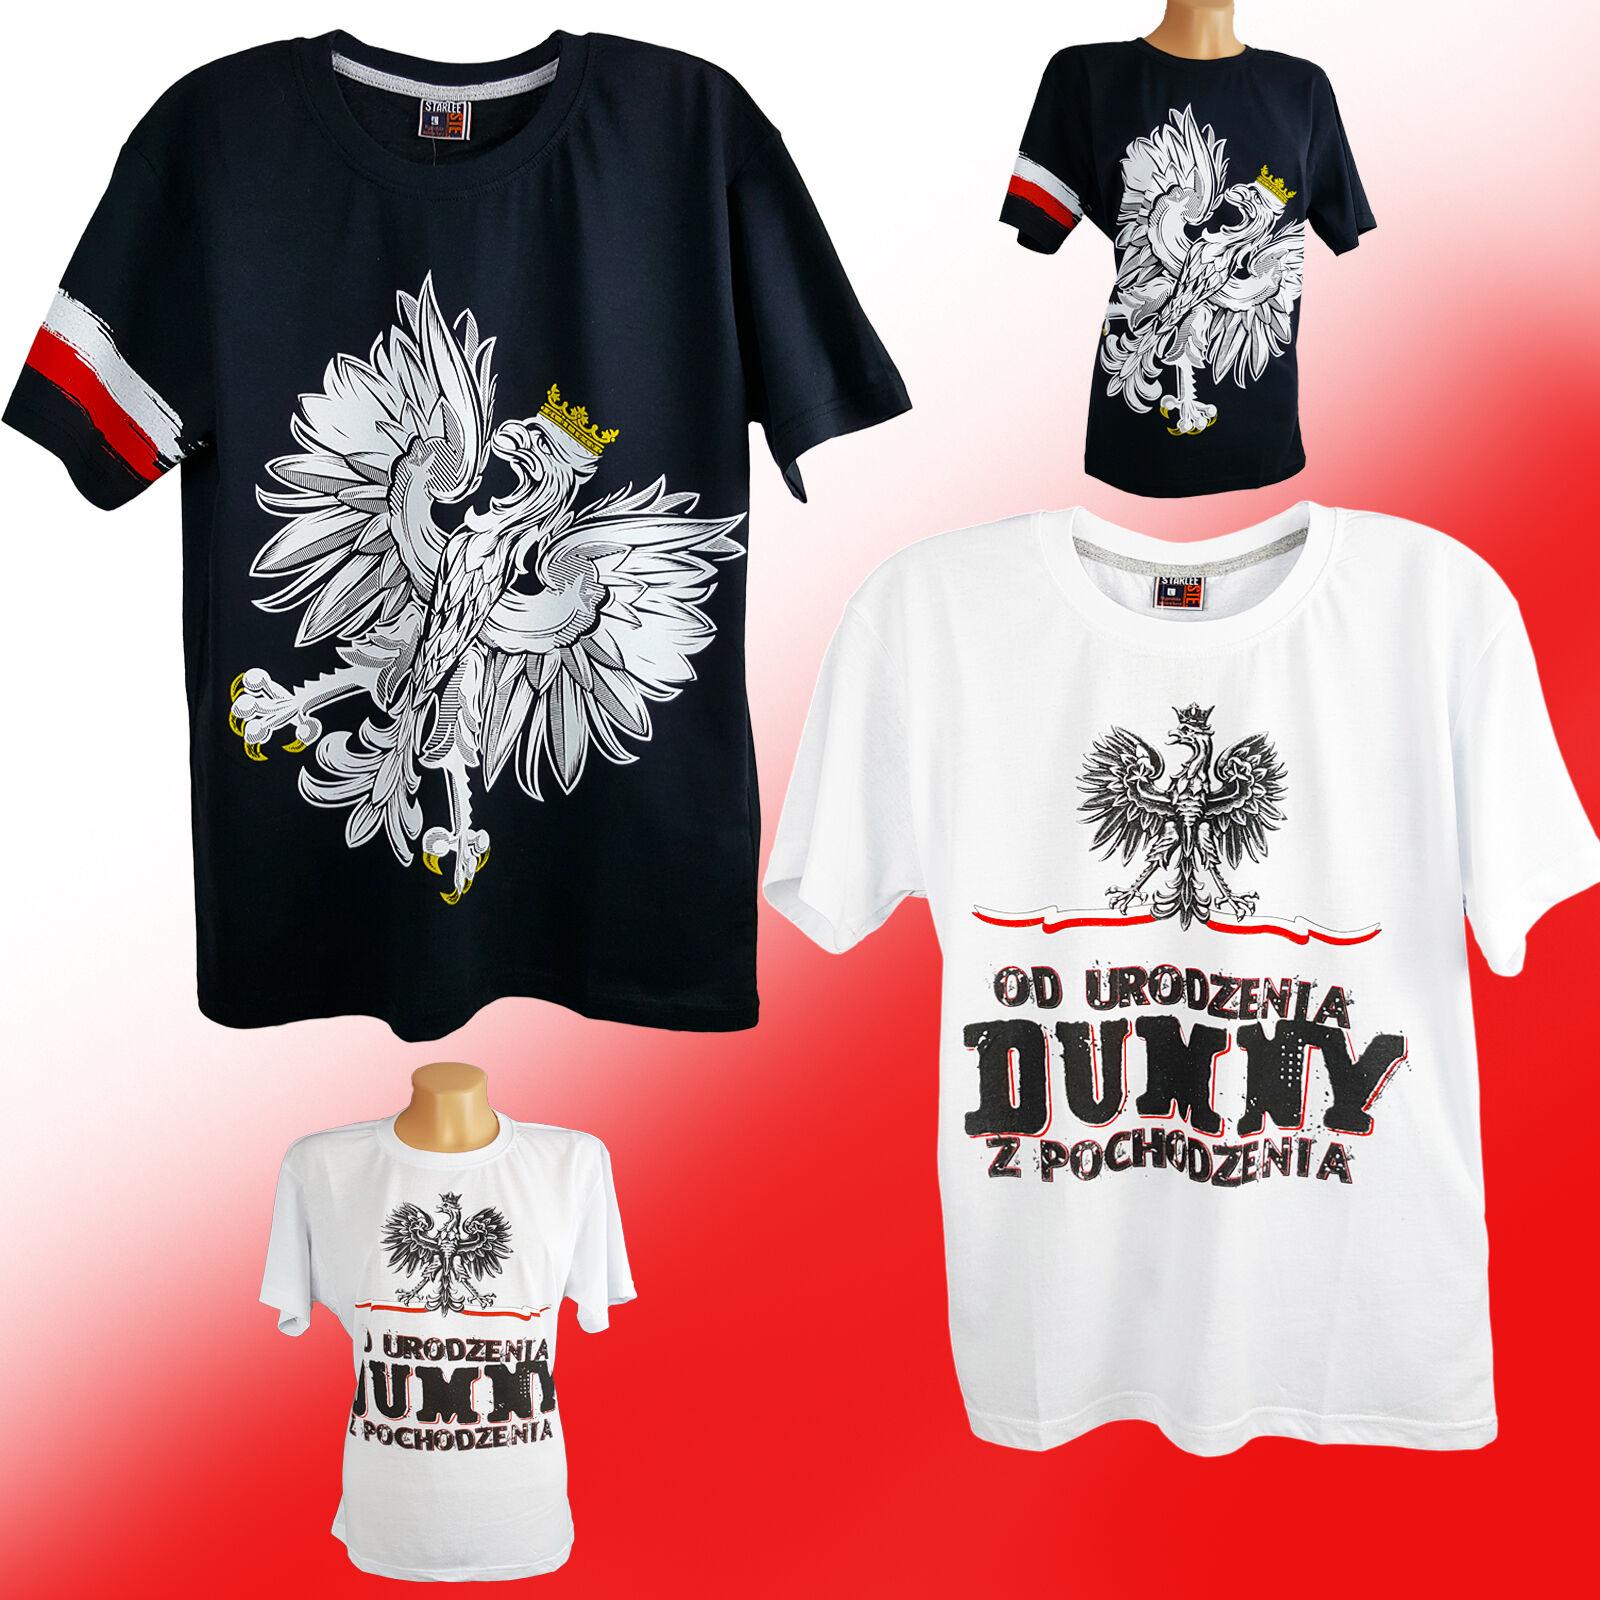 POLSKA Polen T-Shirt Polnische Flagge Polens Patrioten Shirt